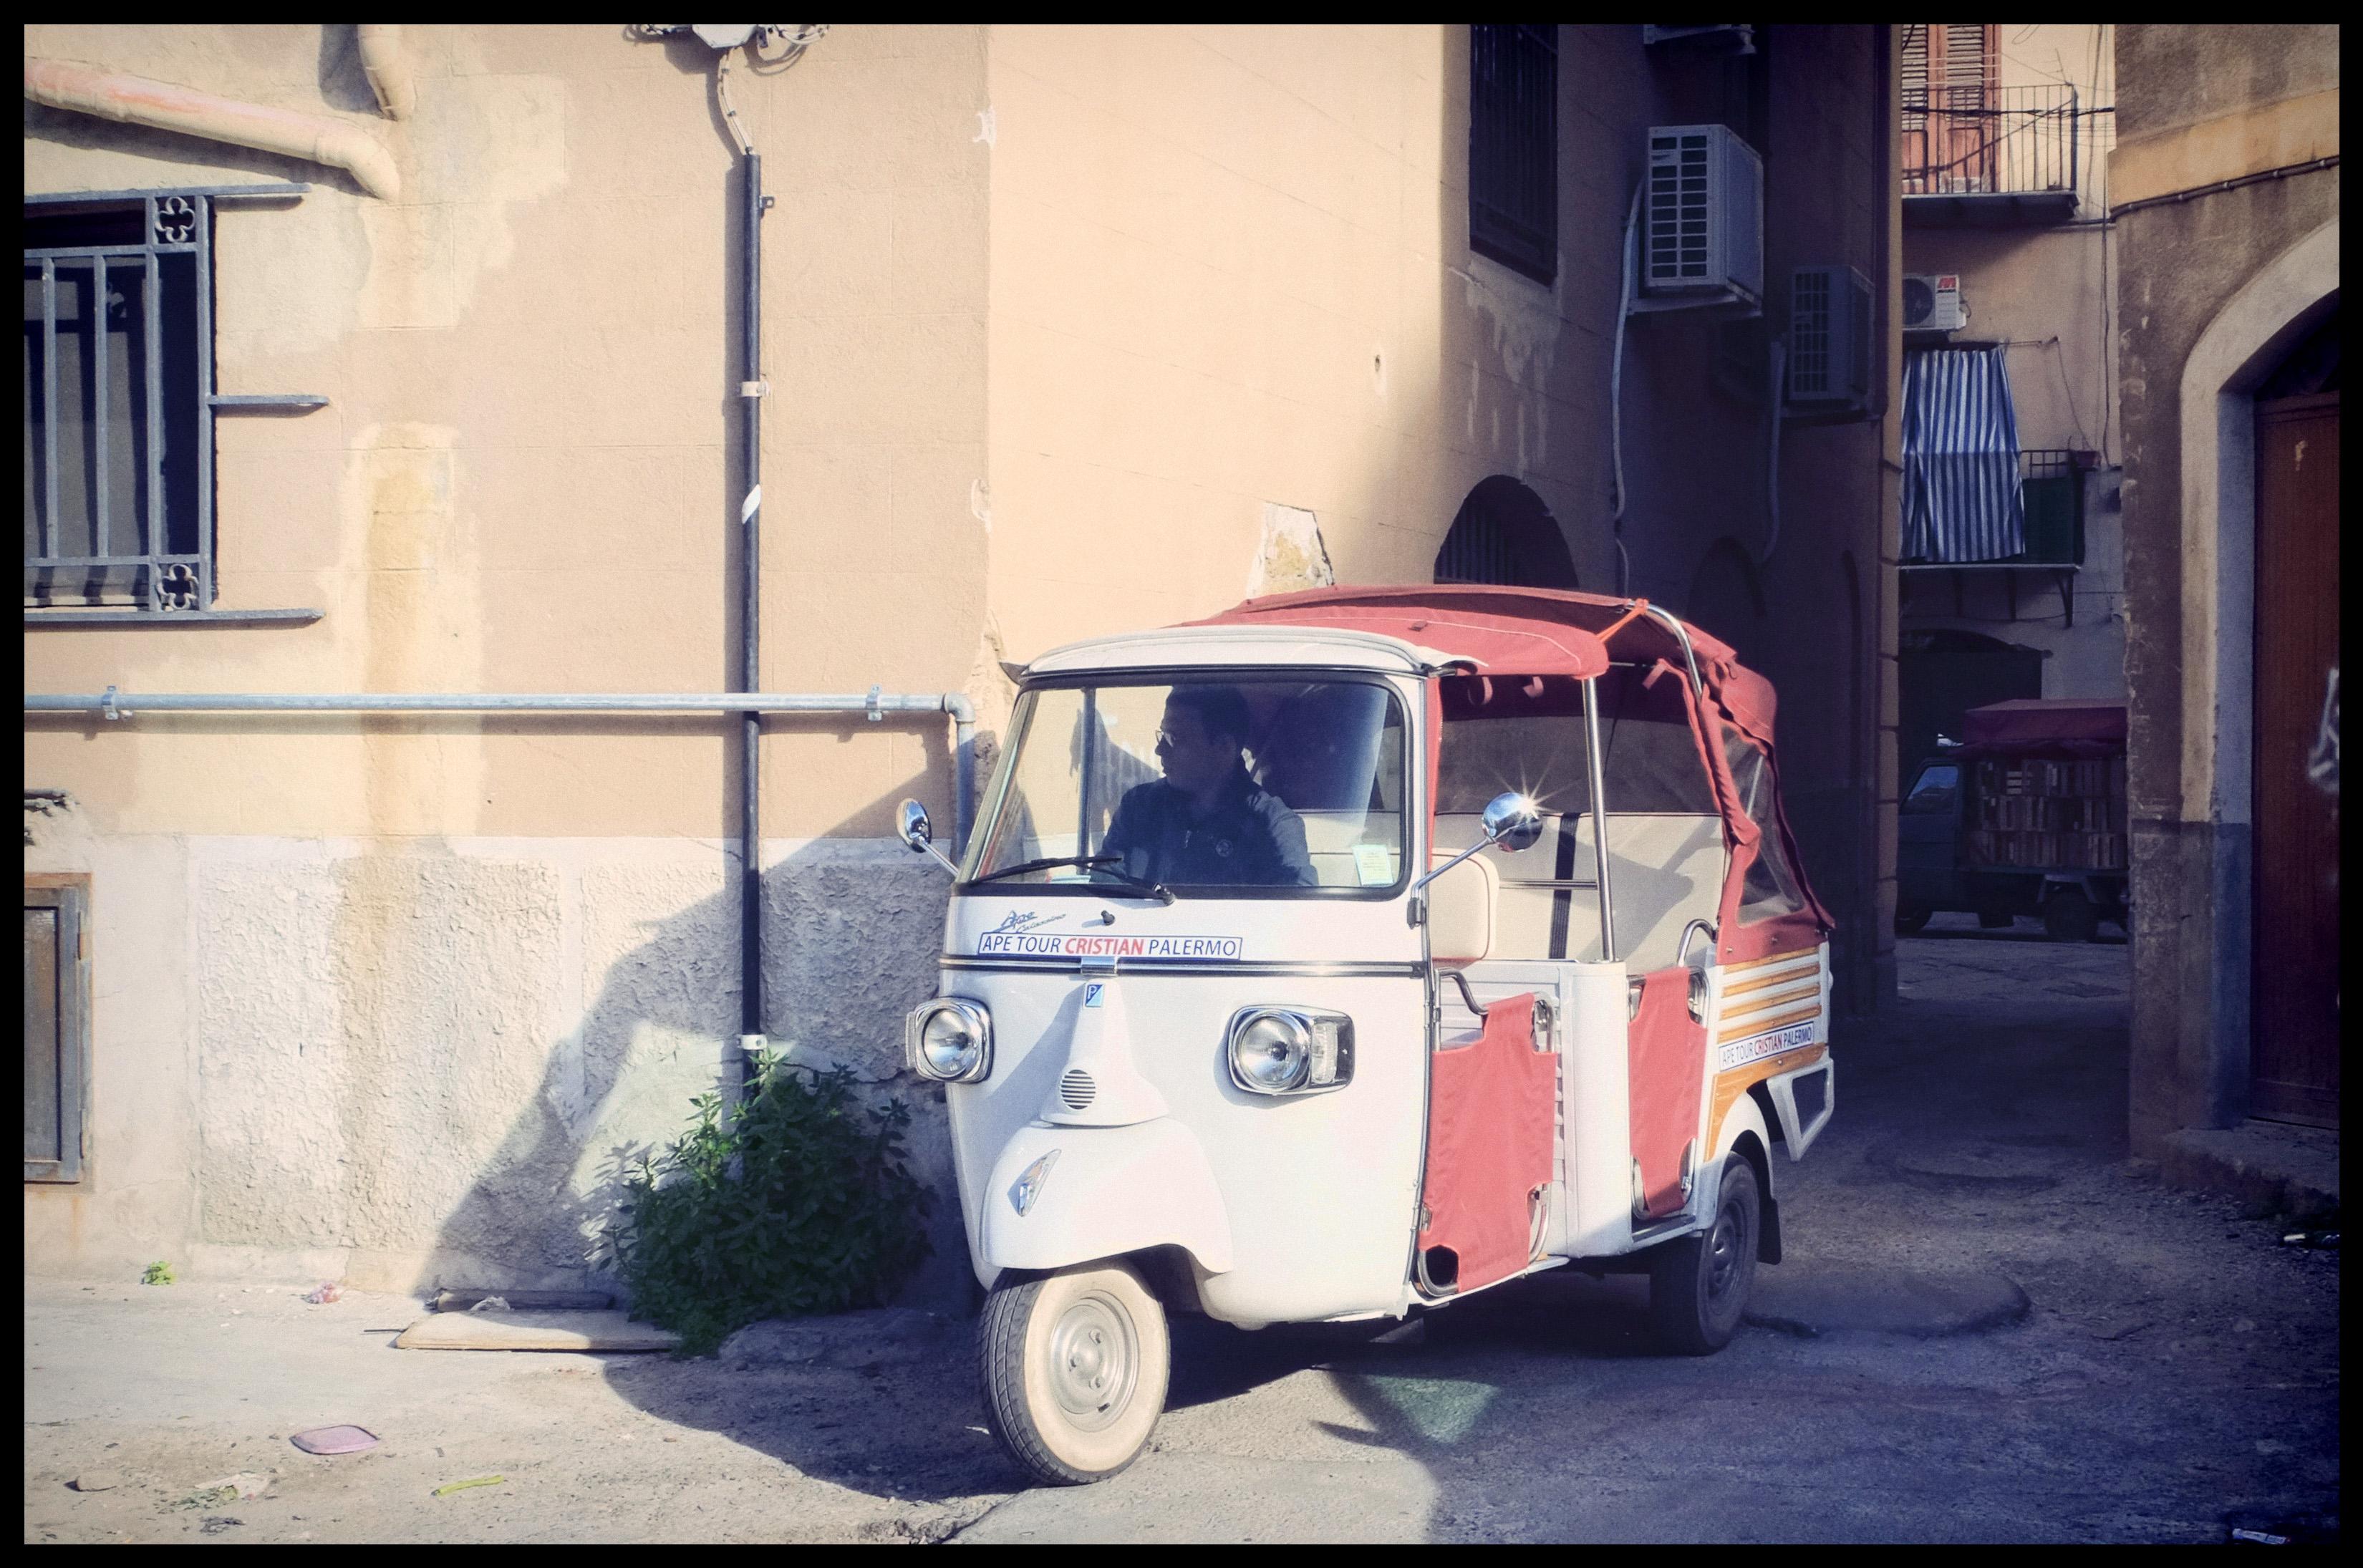 italien rundreise auto erfahrungsbericht rundreise. Black Bedroom Furniture Sets. Home Design Ideas